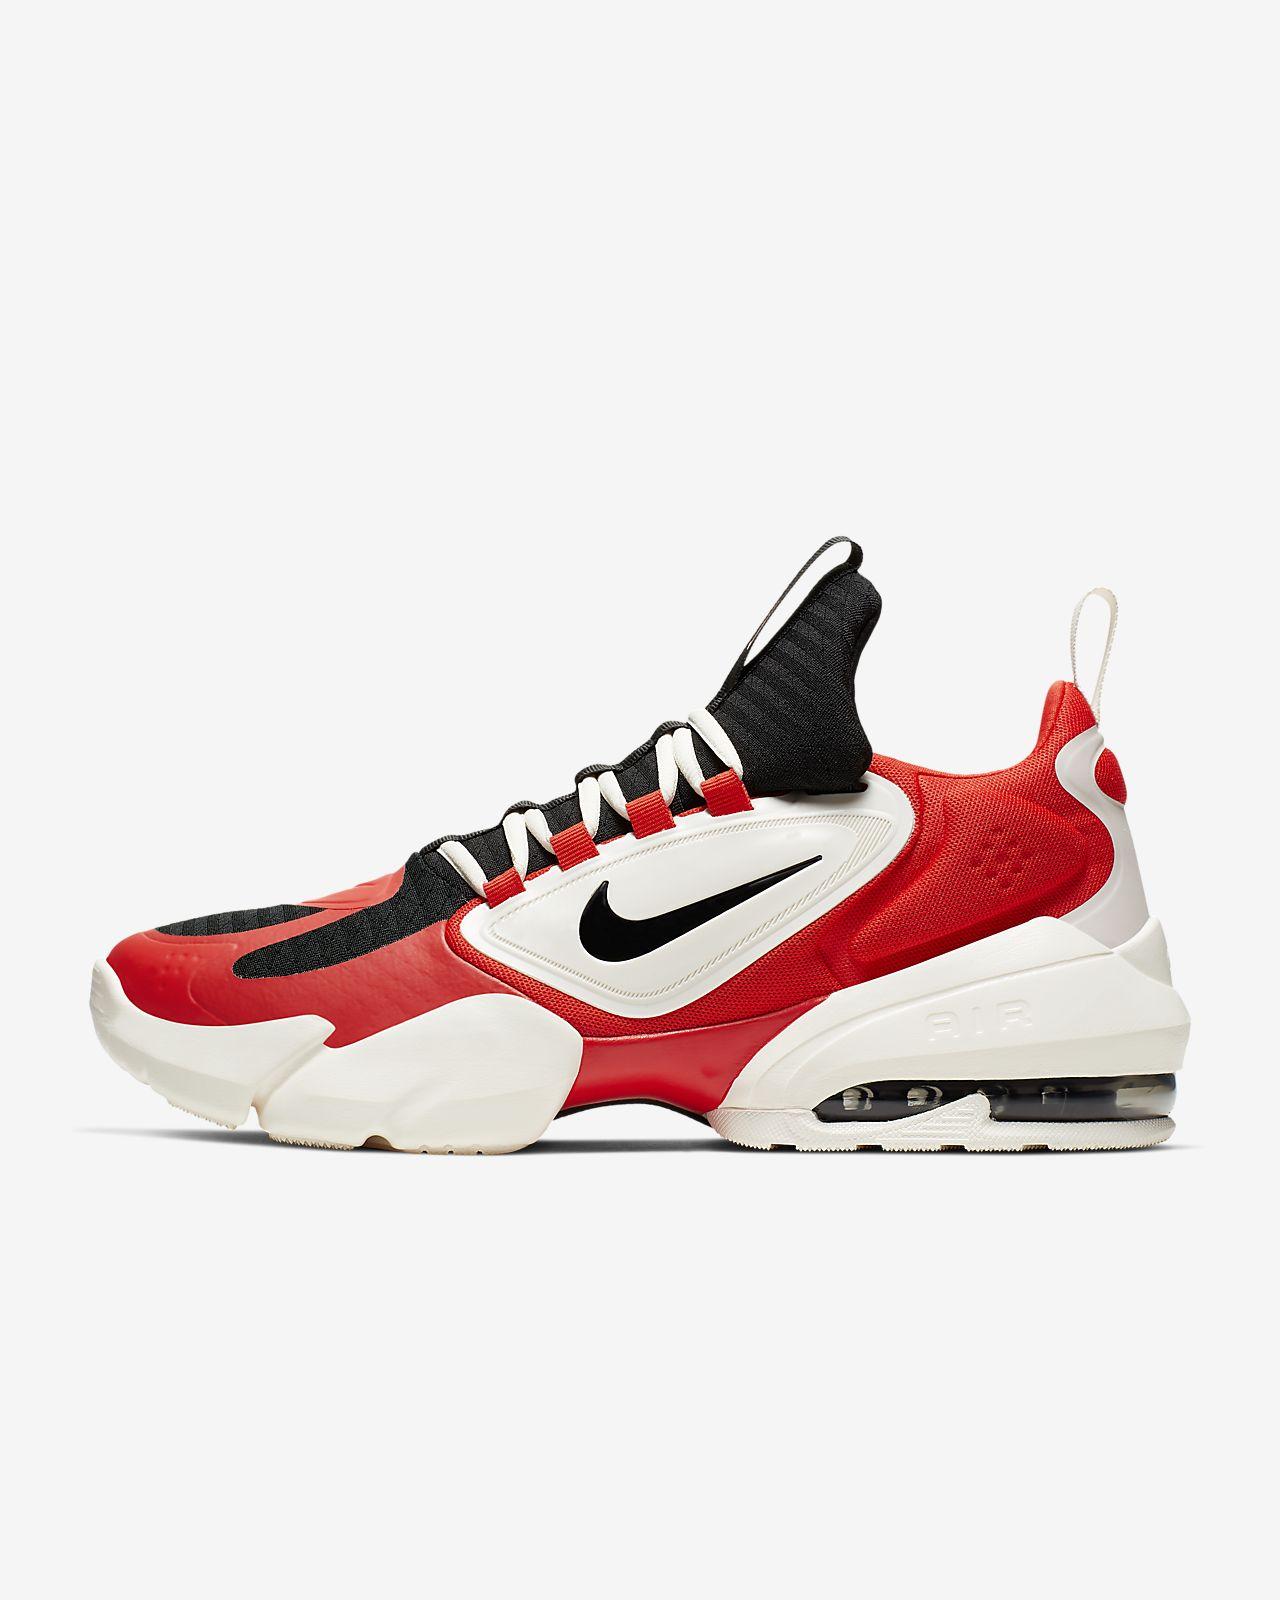 Nike Air Max Alpha Savage 男子训练鞋